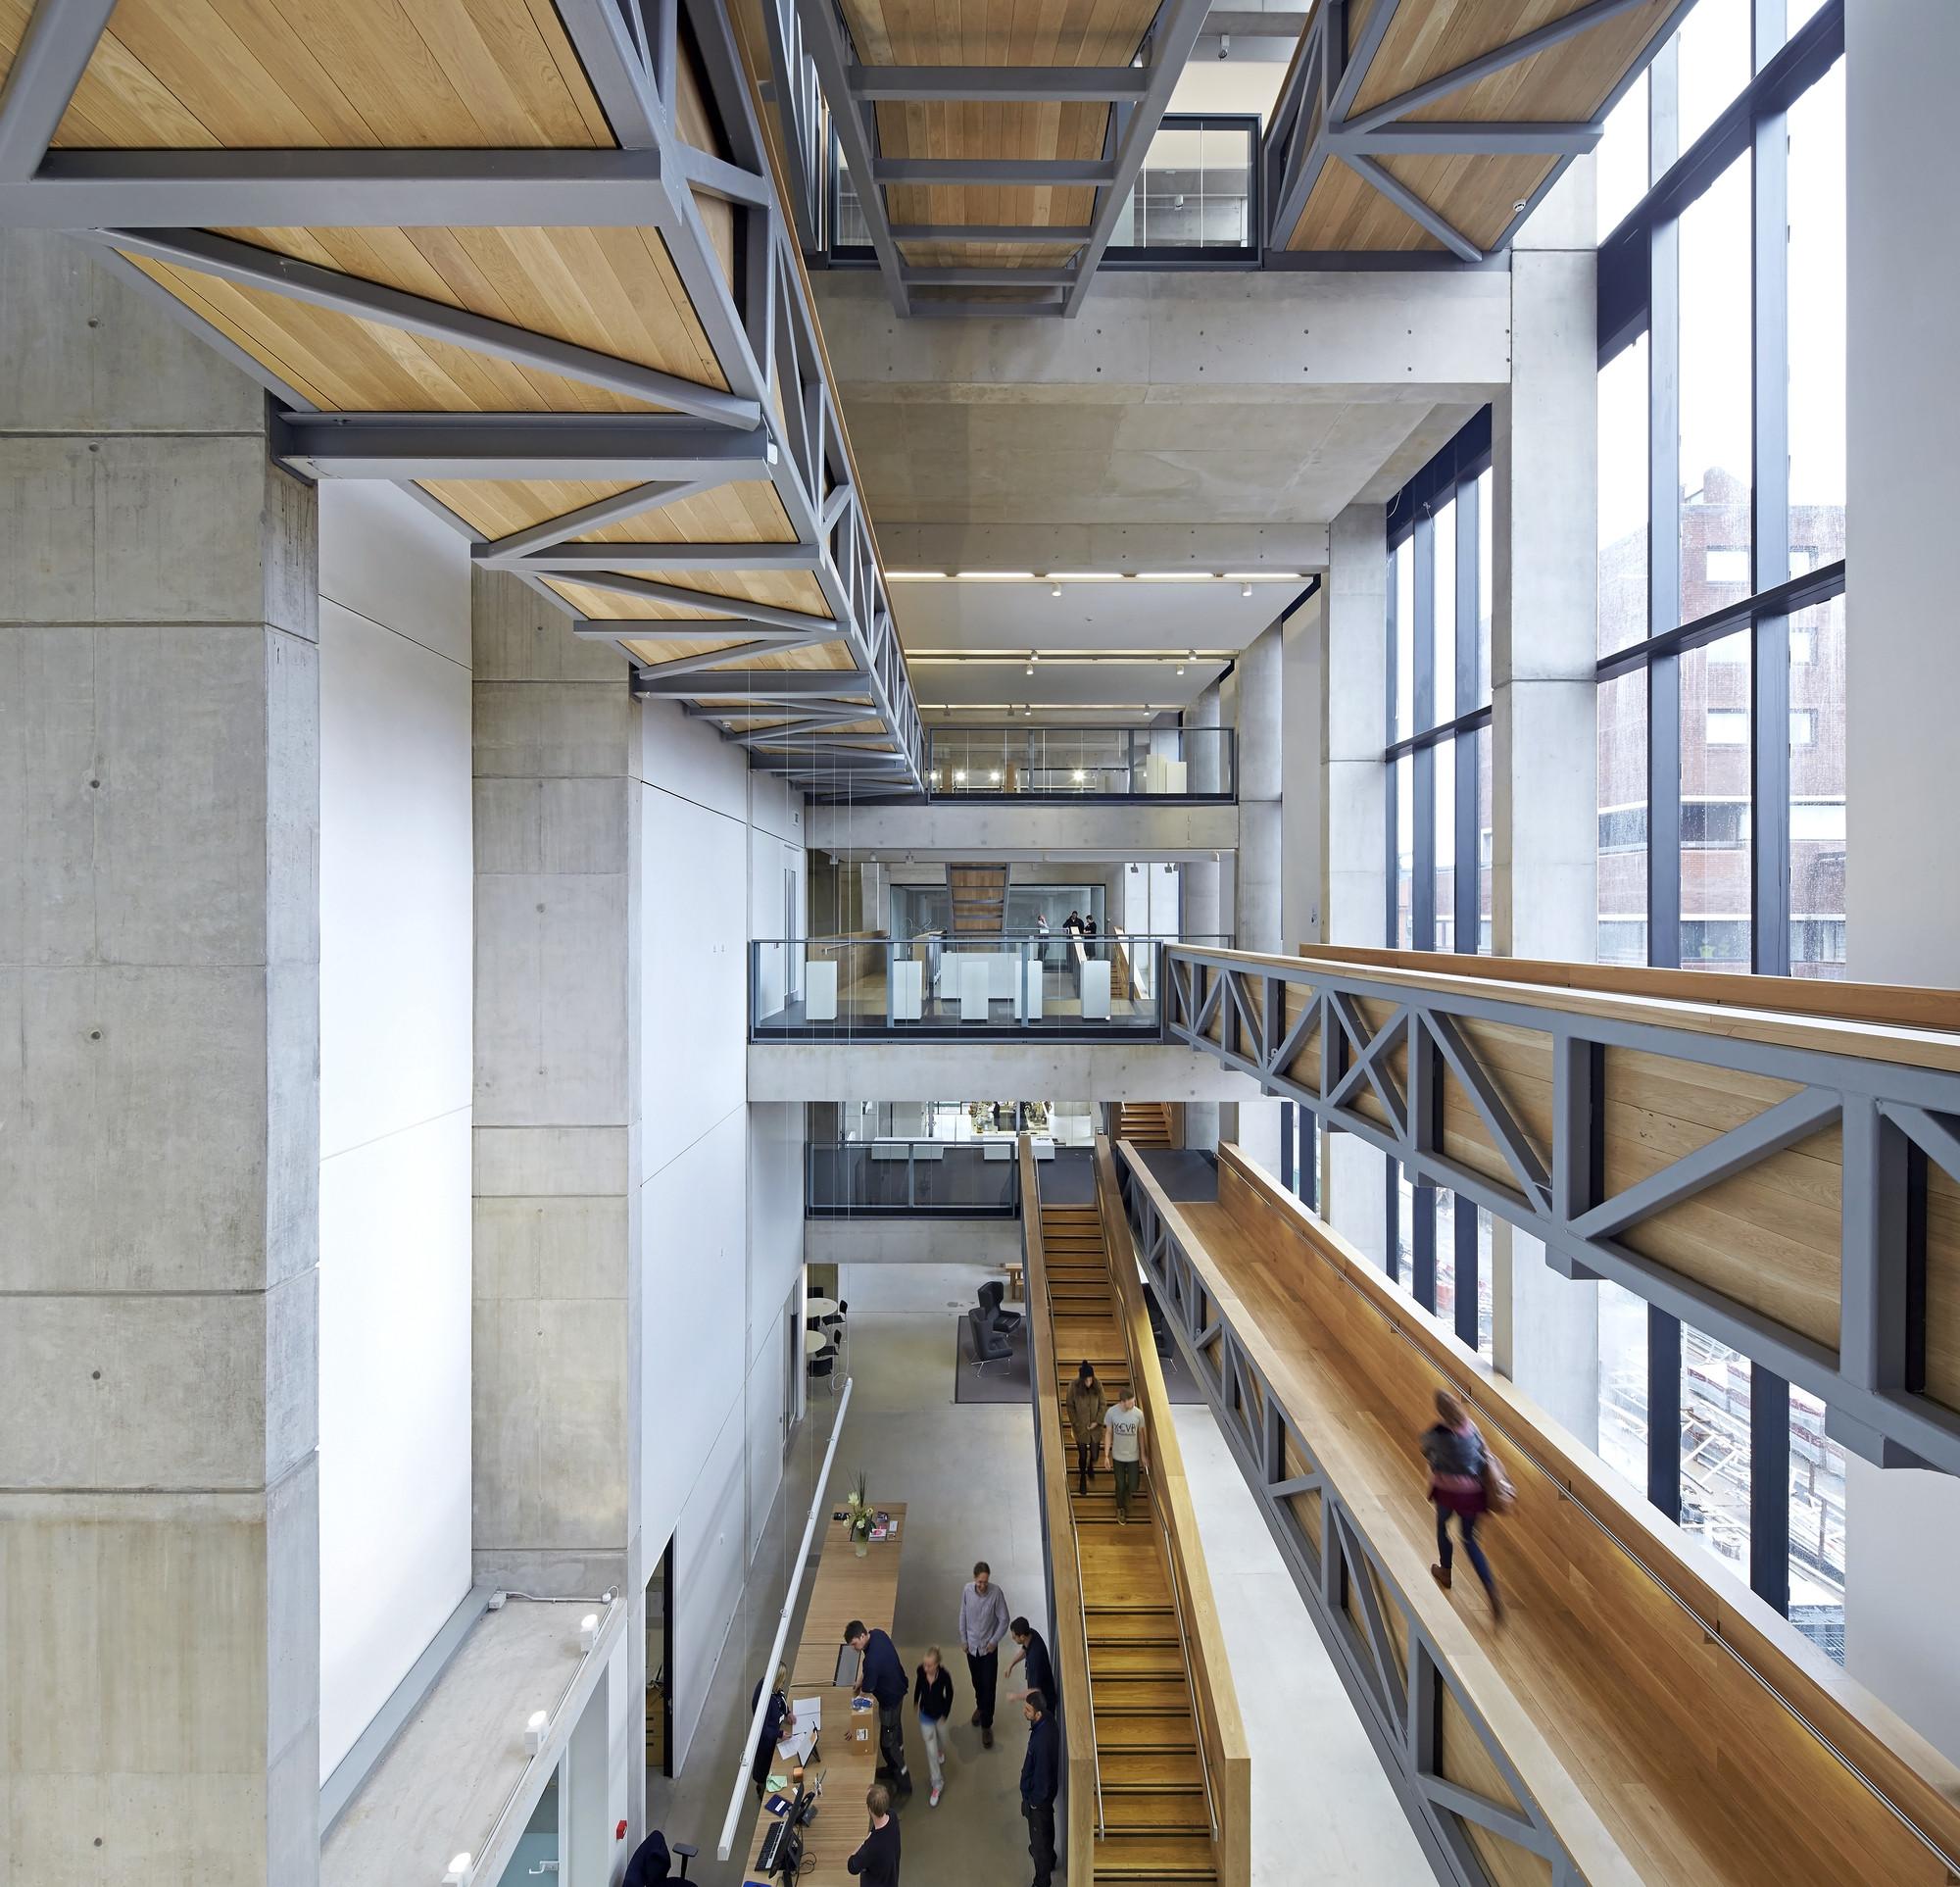 Escuela de arte Manchester / Feilden Clegg Bradley Studios. Imágen © Hufton+Crow